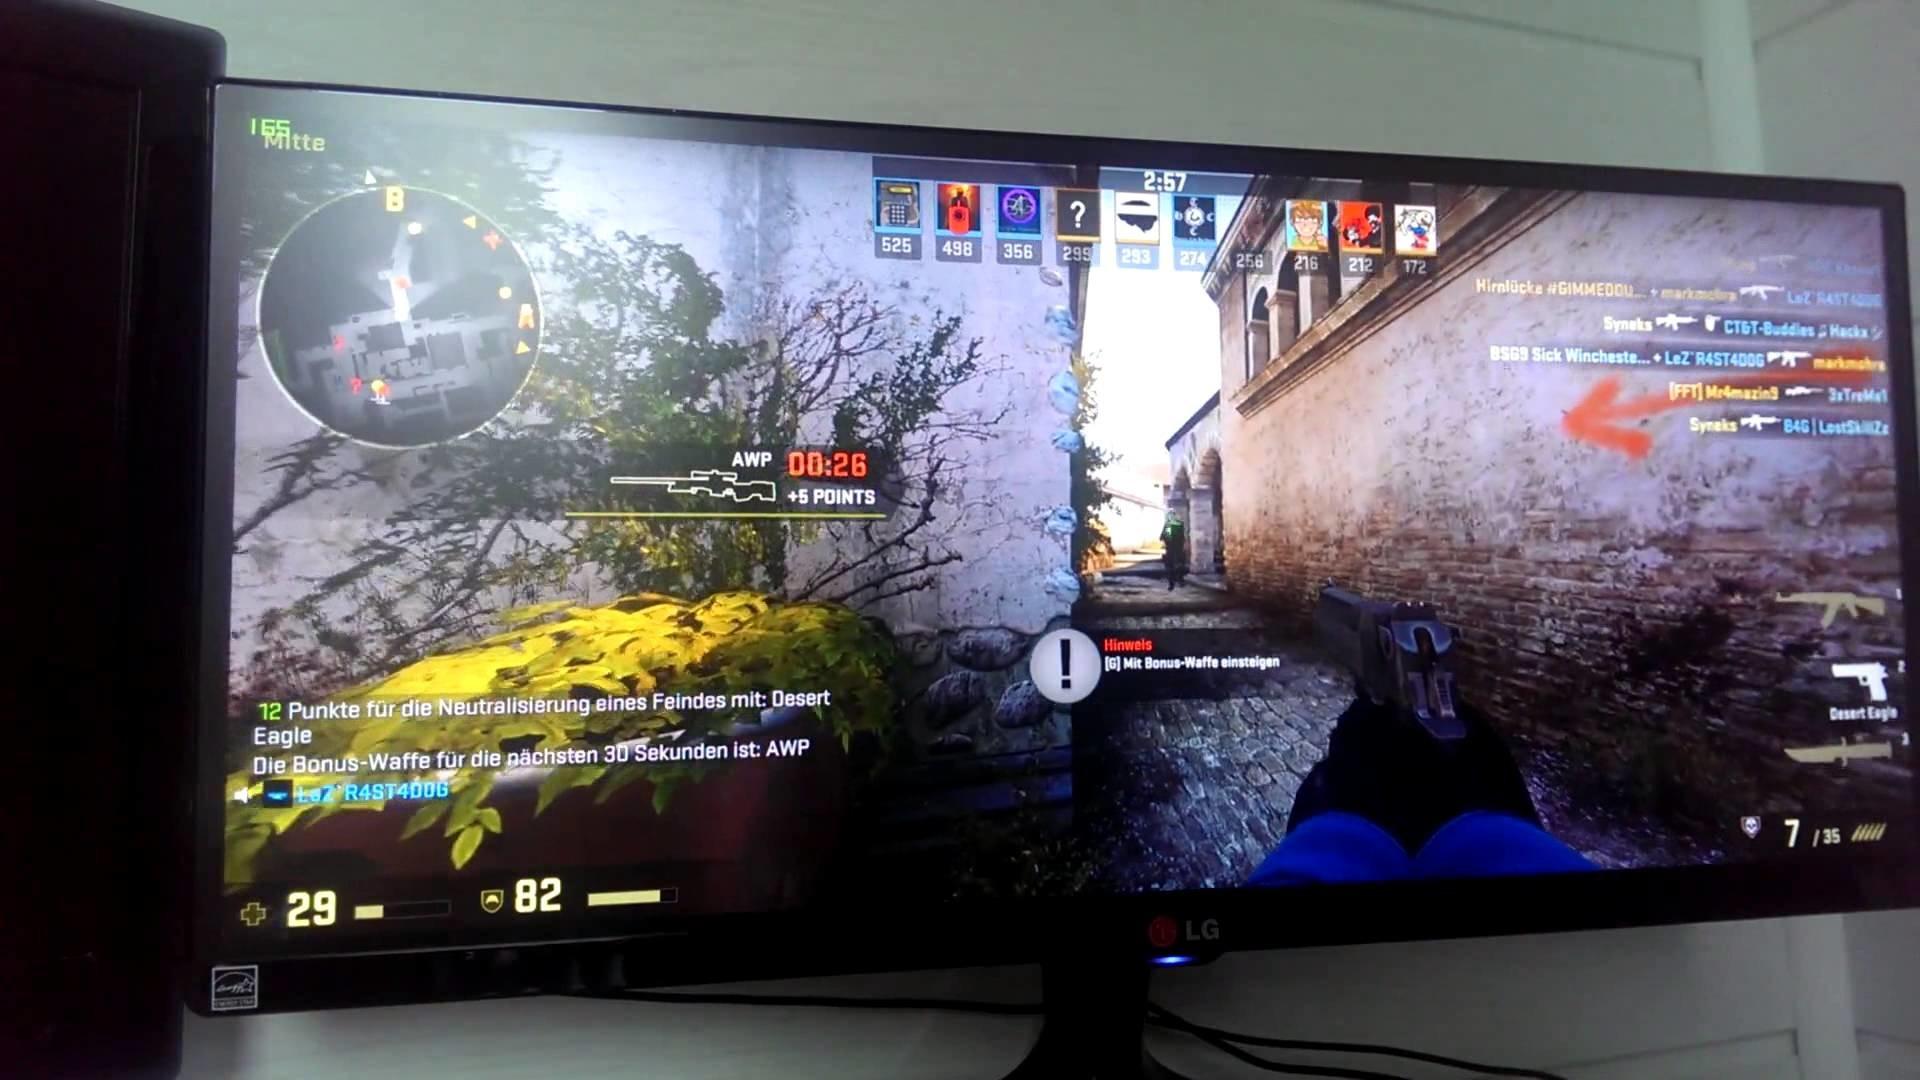 Cs Go Dual Monitor Wallpaper 70 Images